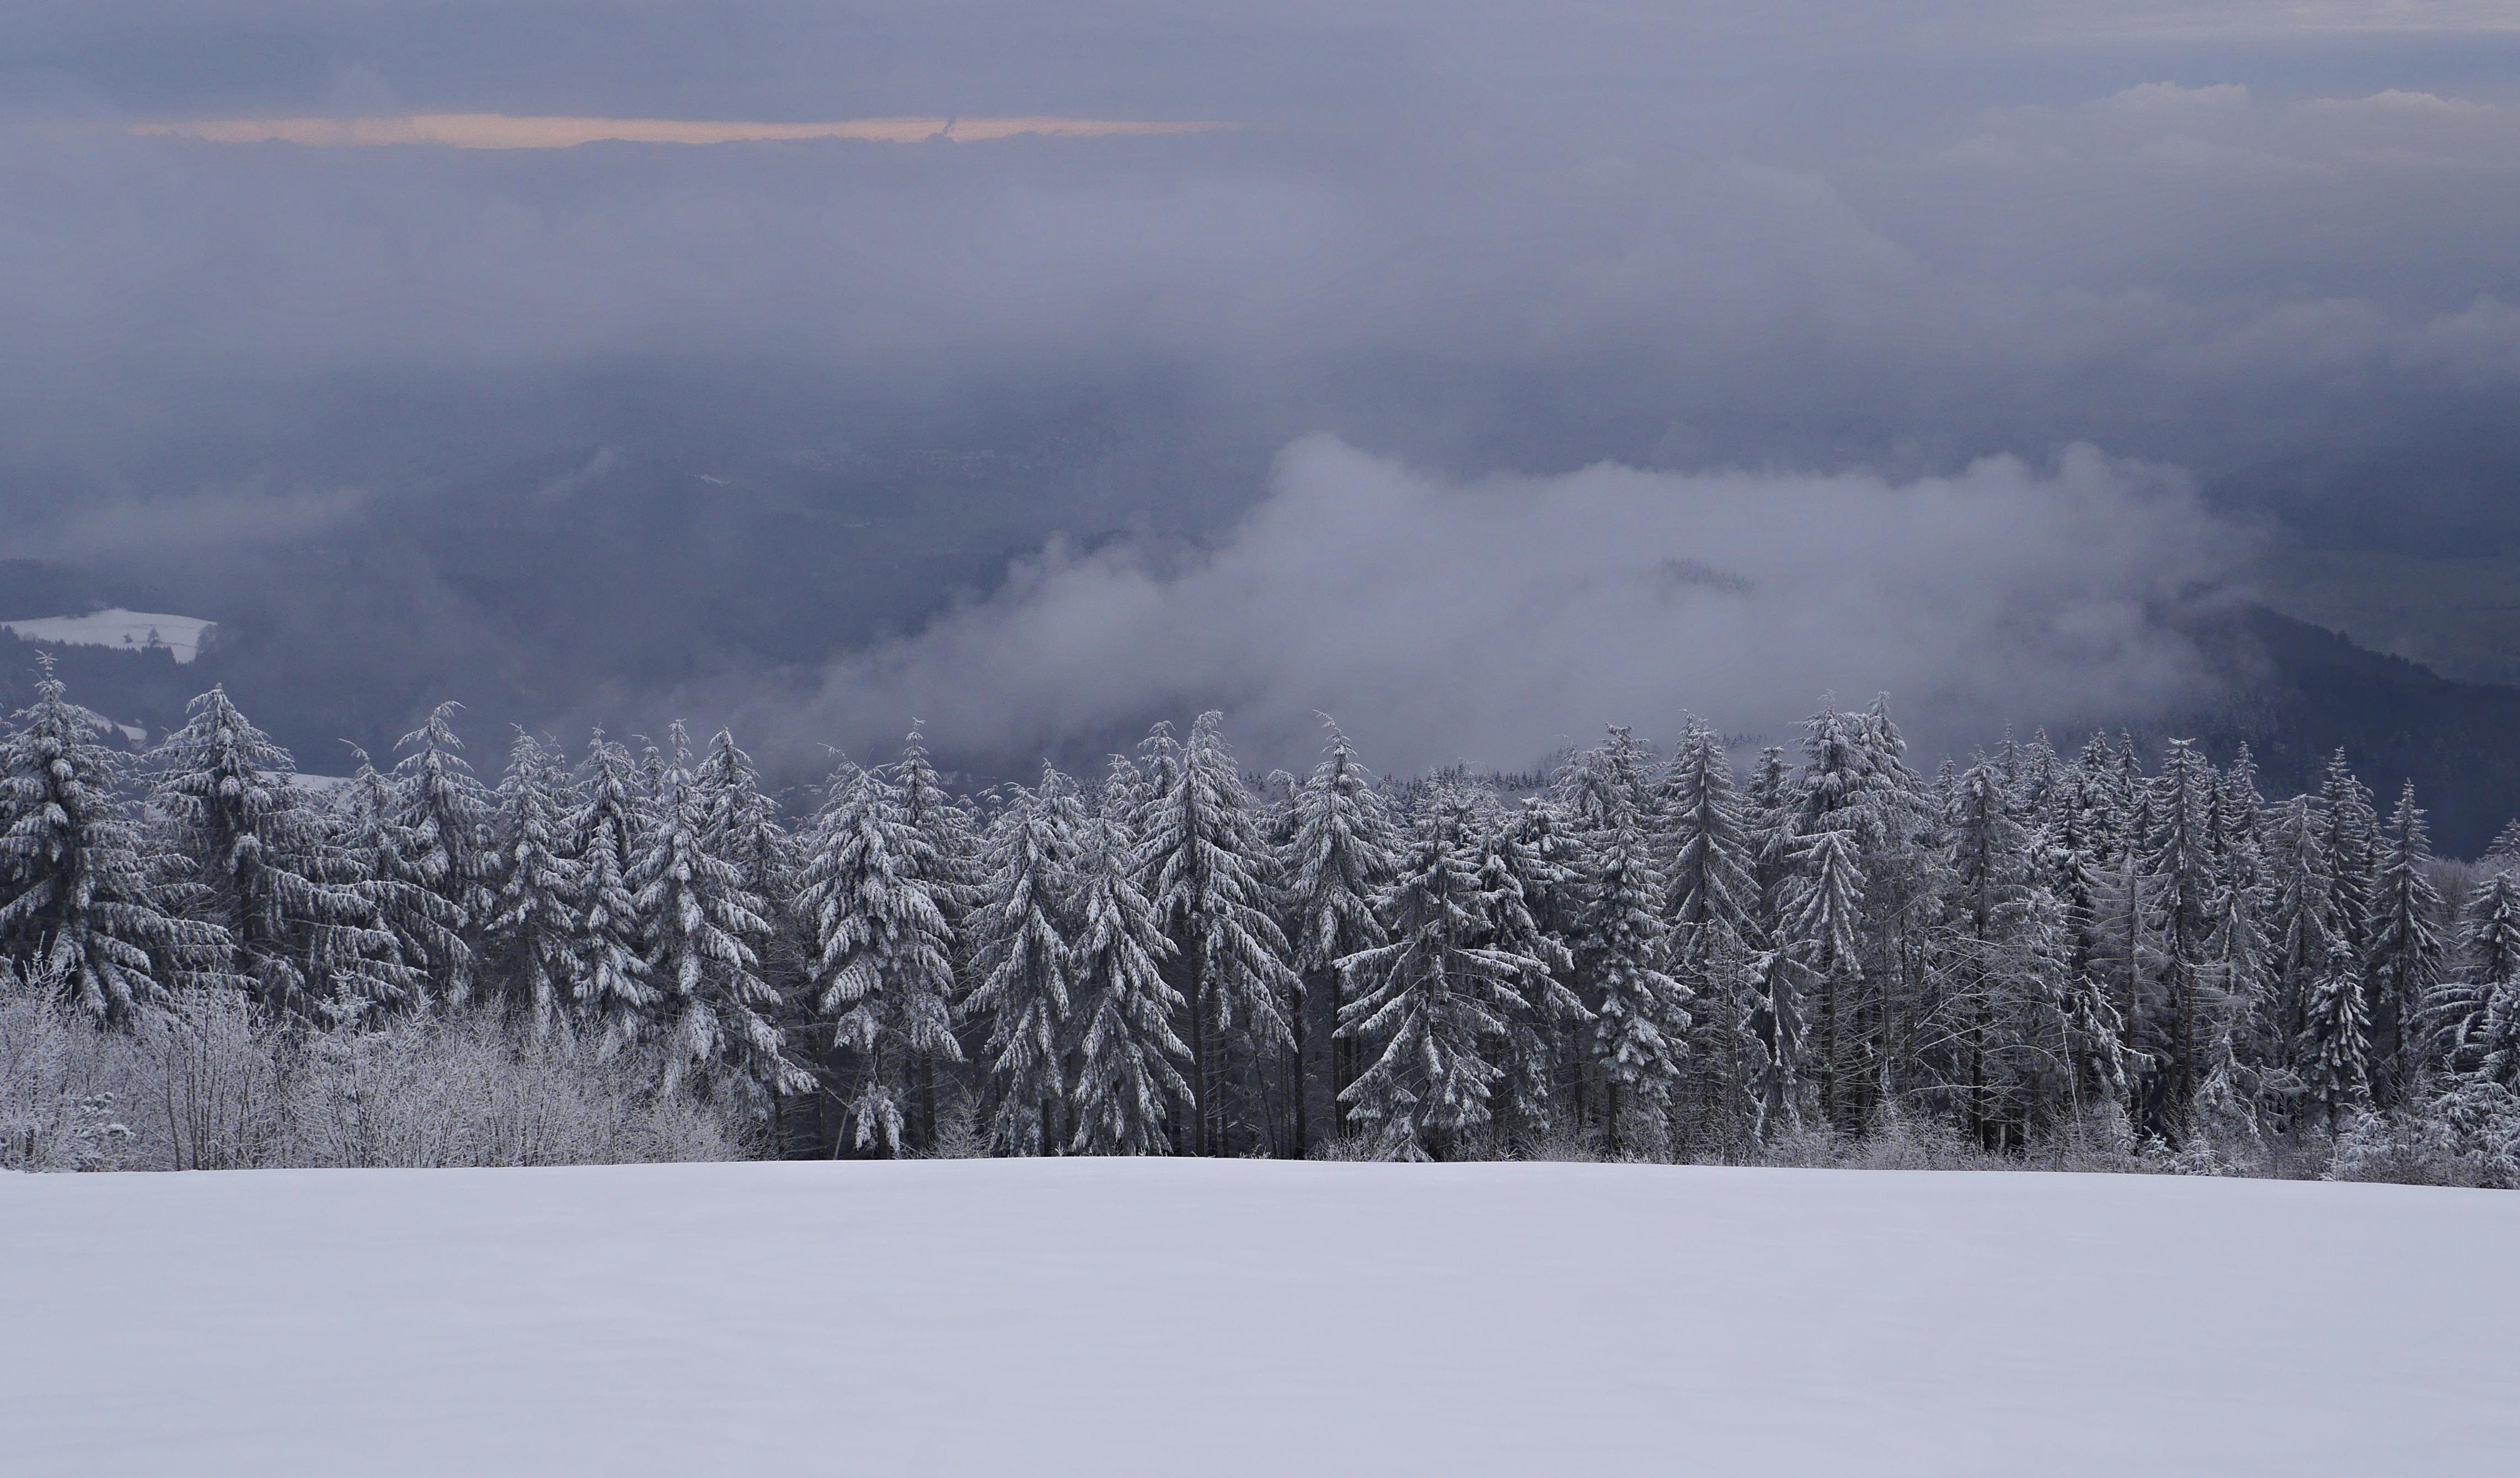 Wallpaper Flickr Stunning Georgesblaszczyk Winter Snow